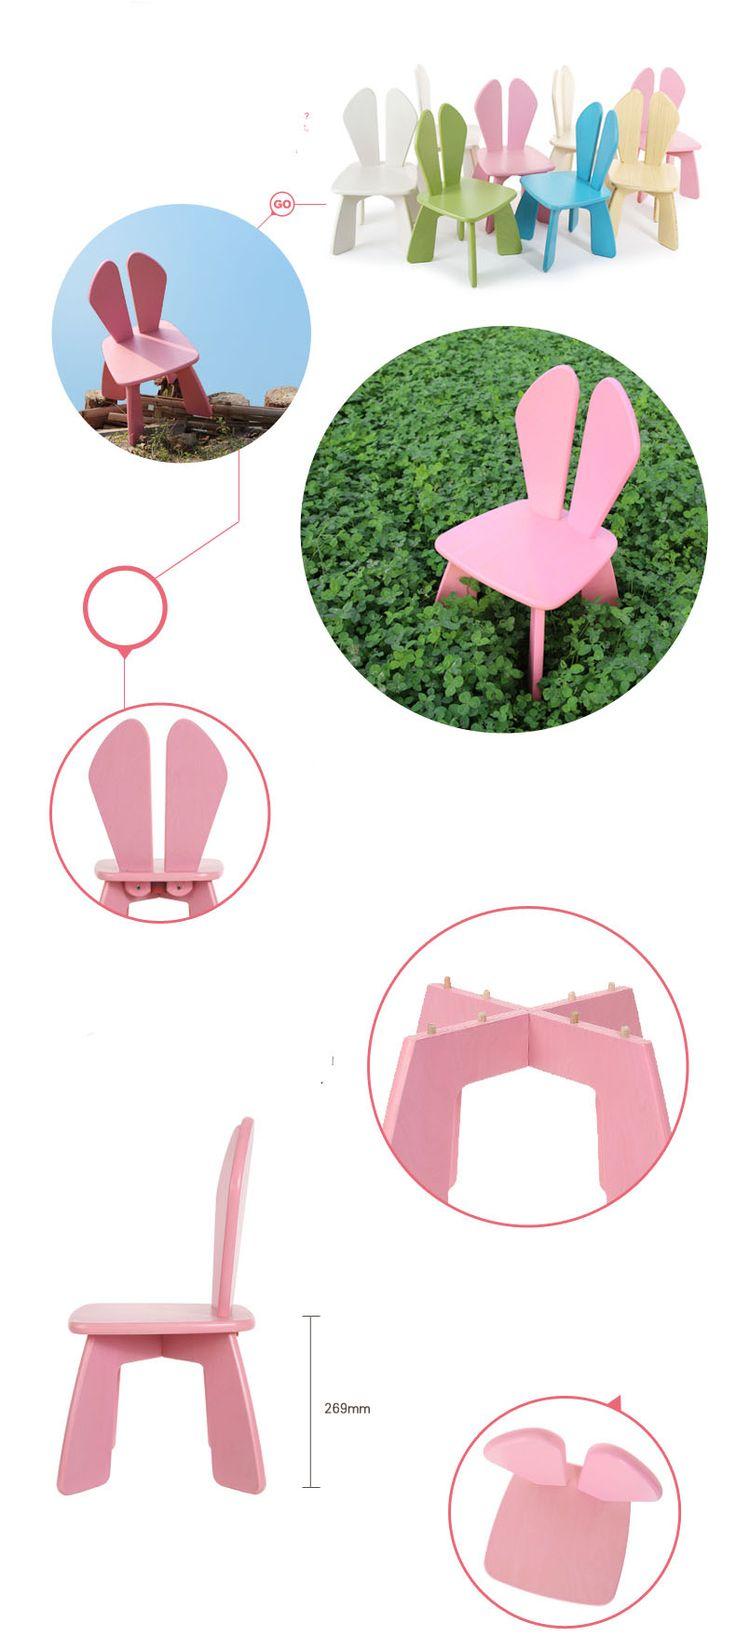 Детский стул на ножках со спинкой в форме заячьих ушей купить и выбрать в разных цветах в интернет-каталоге мебели https://lafred.ru/catalog/catalog/detail/35991416324/